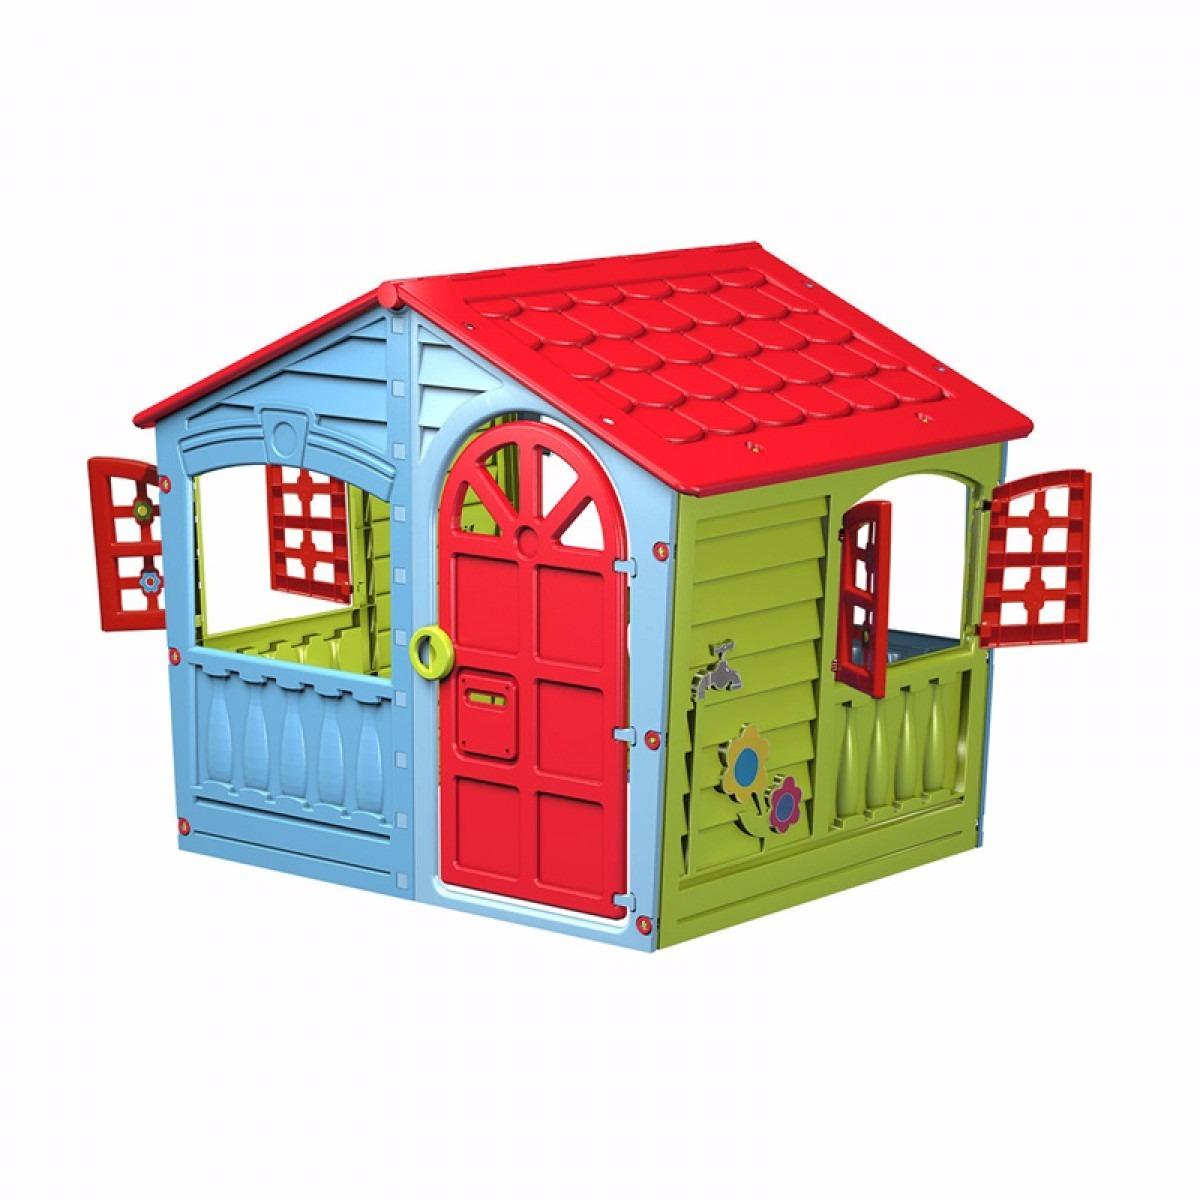 Casita de juegos marian plast jardin casa color for Casita de juegos para jardin